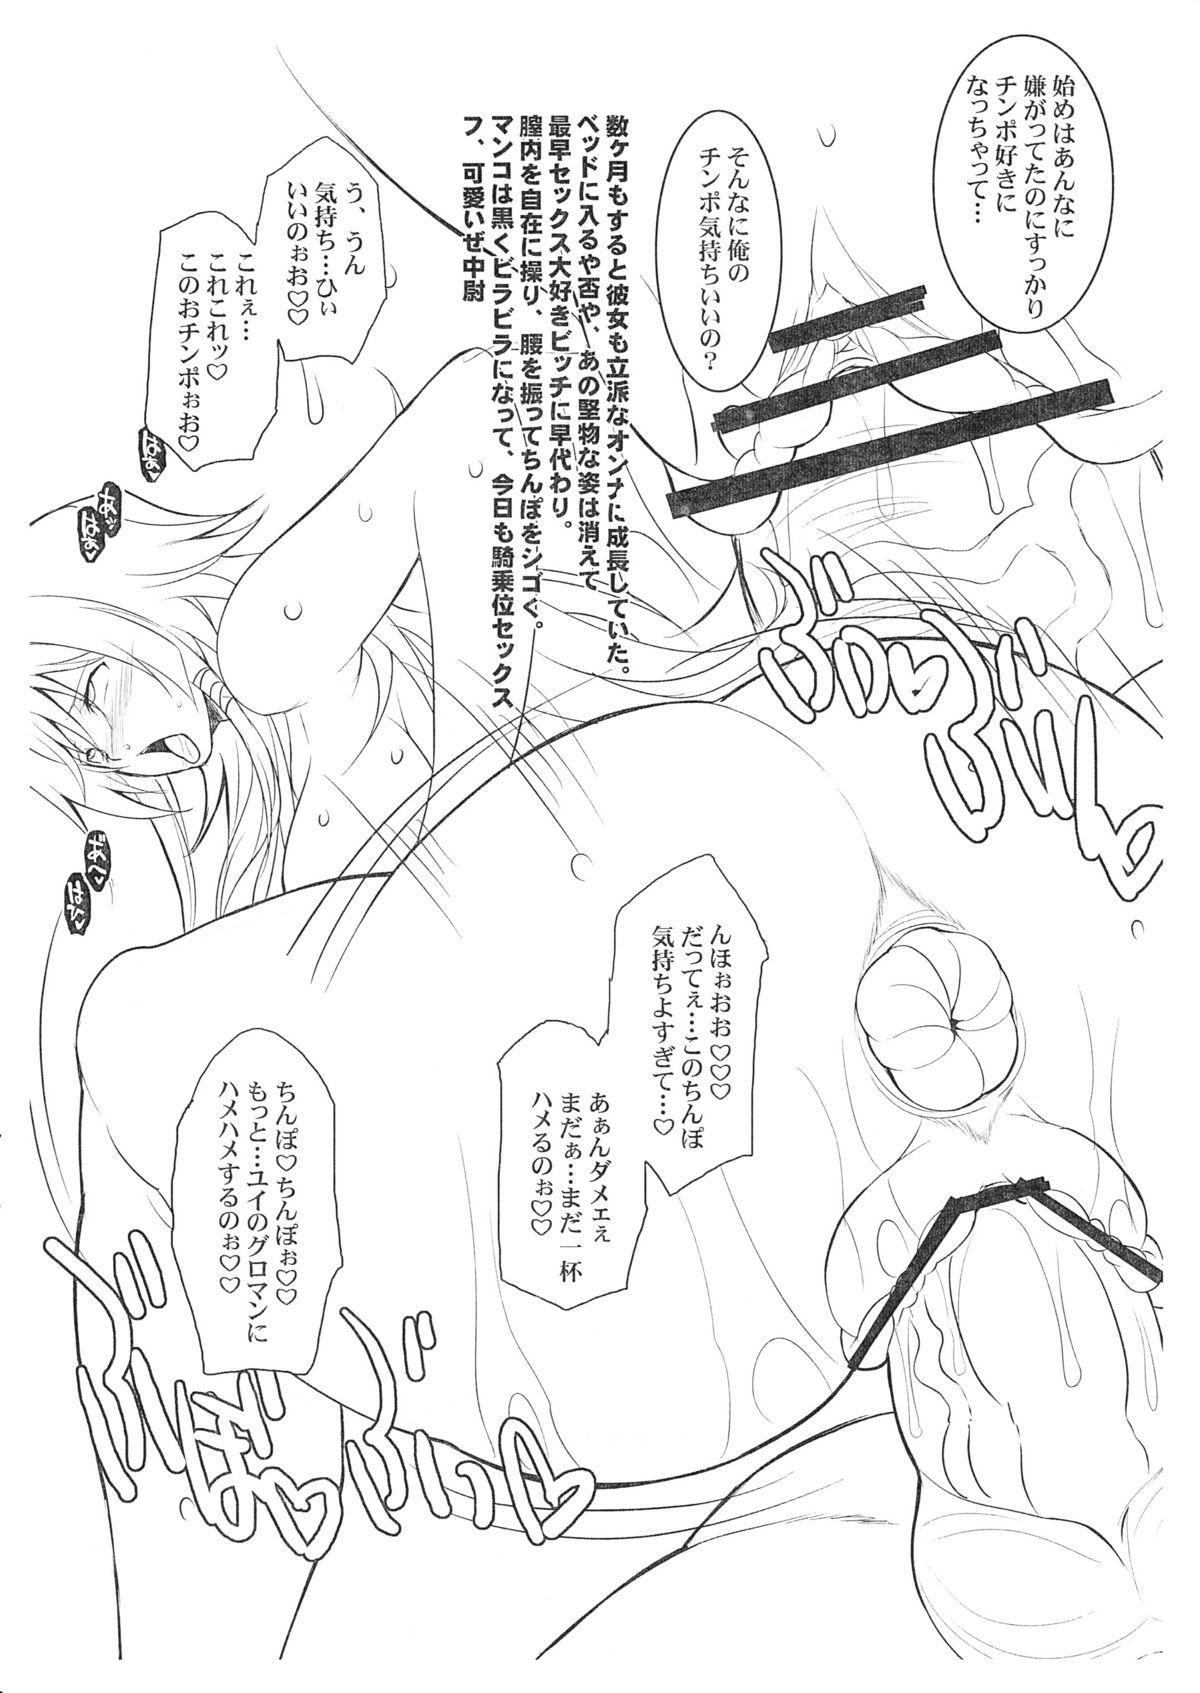 TE no Joseijin wo Ero Kousatsu Suru 5